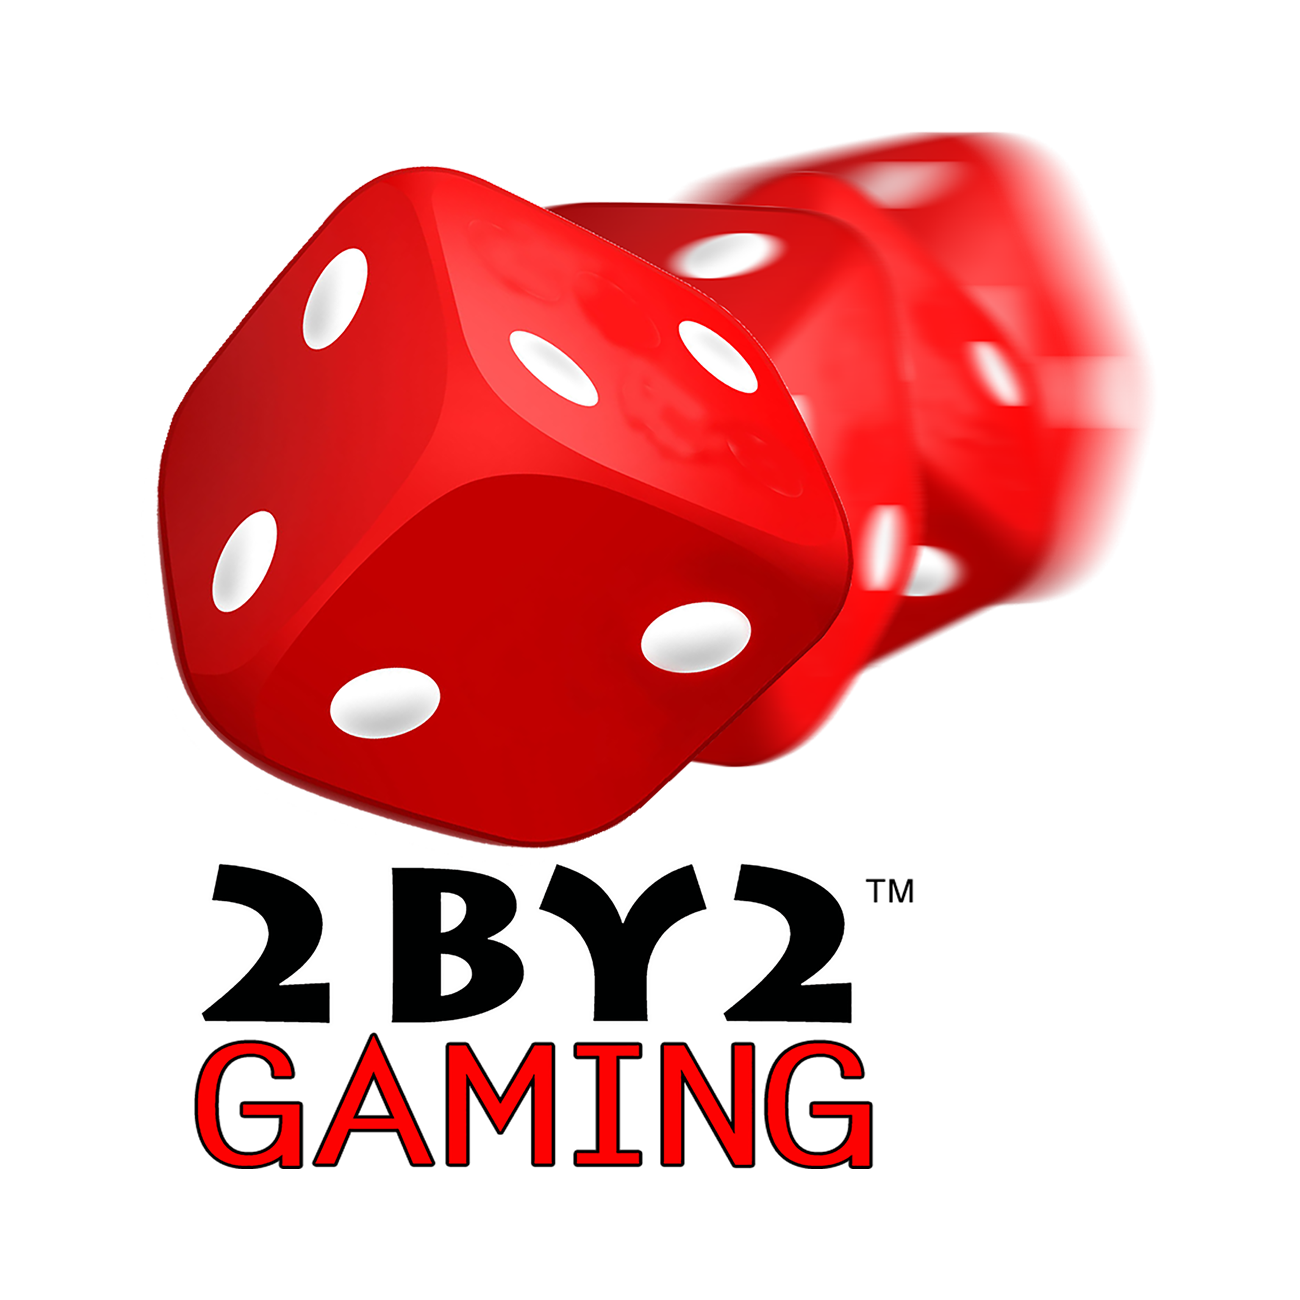 Pocket dice app 679188